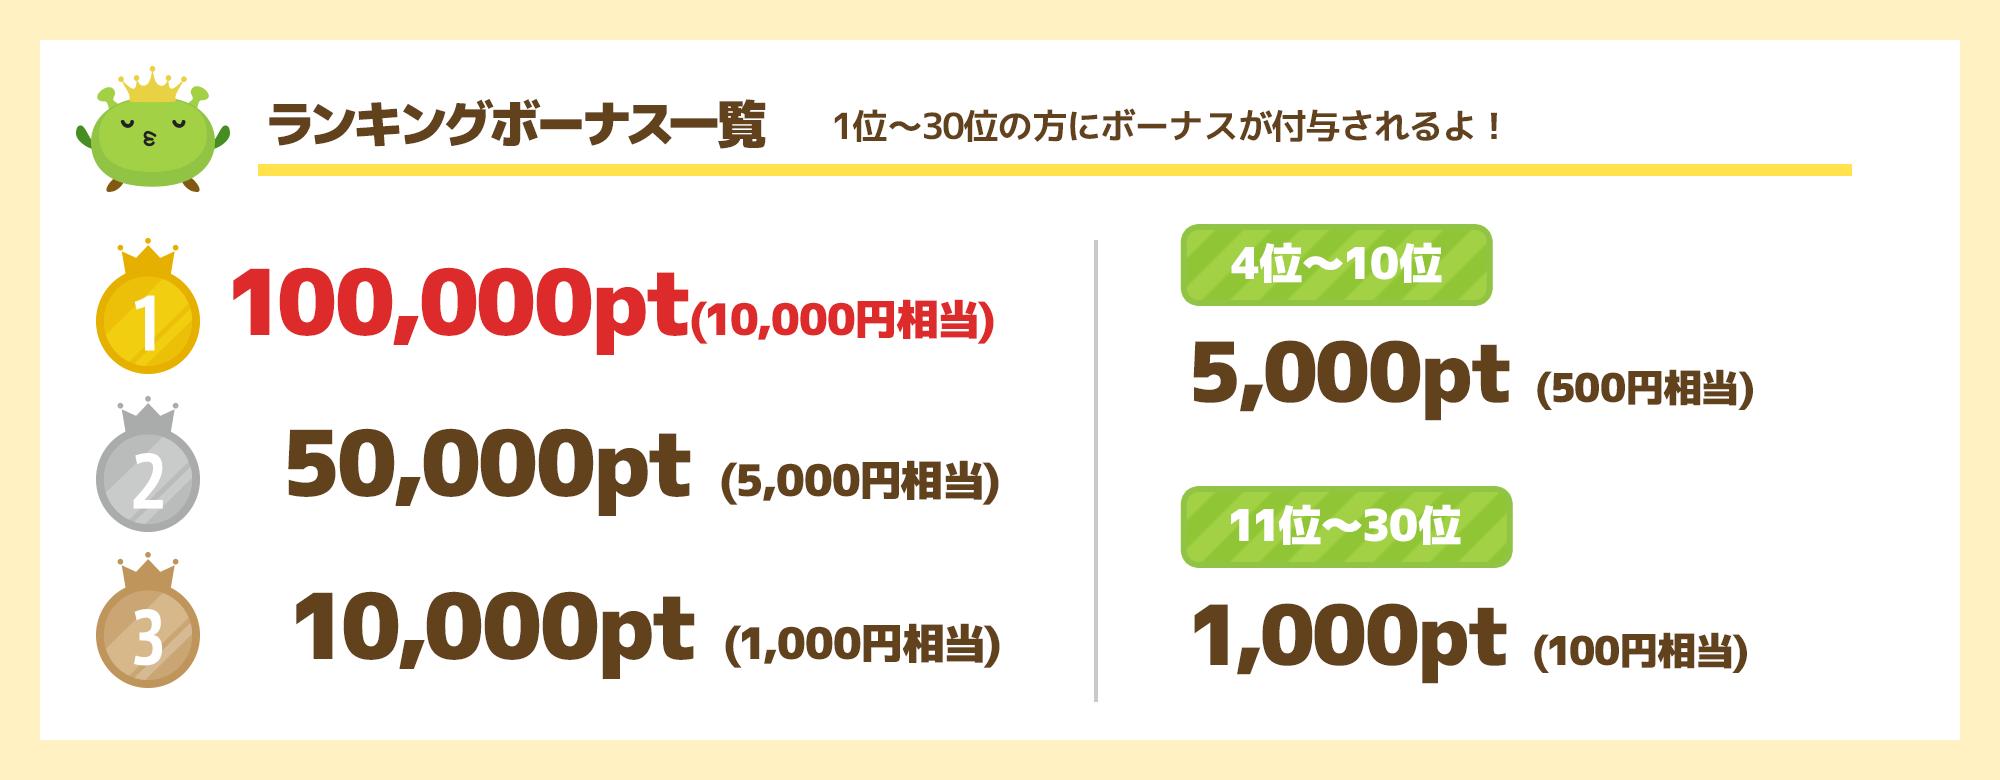 10,000円争奪キャンペーン